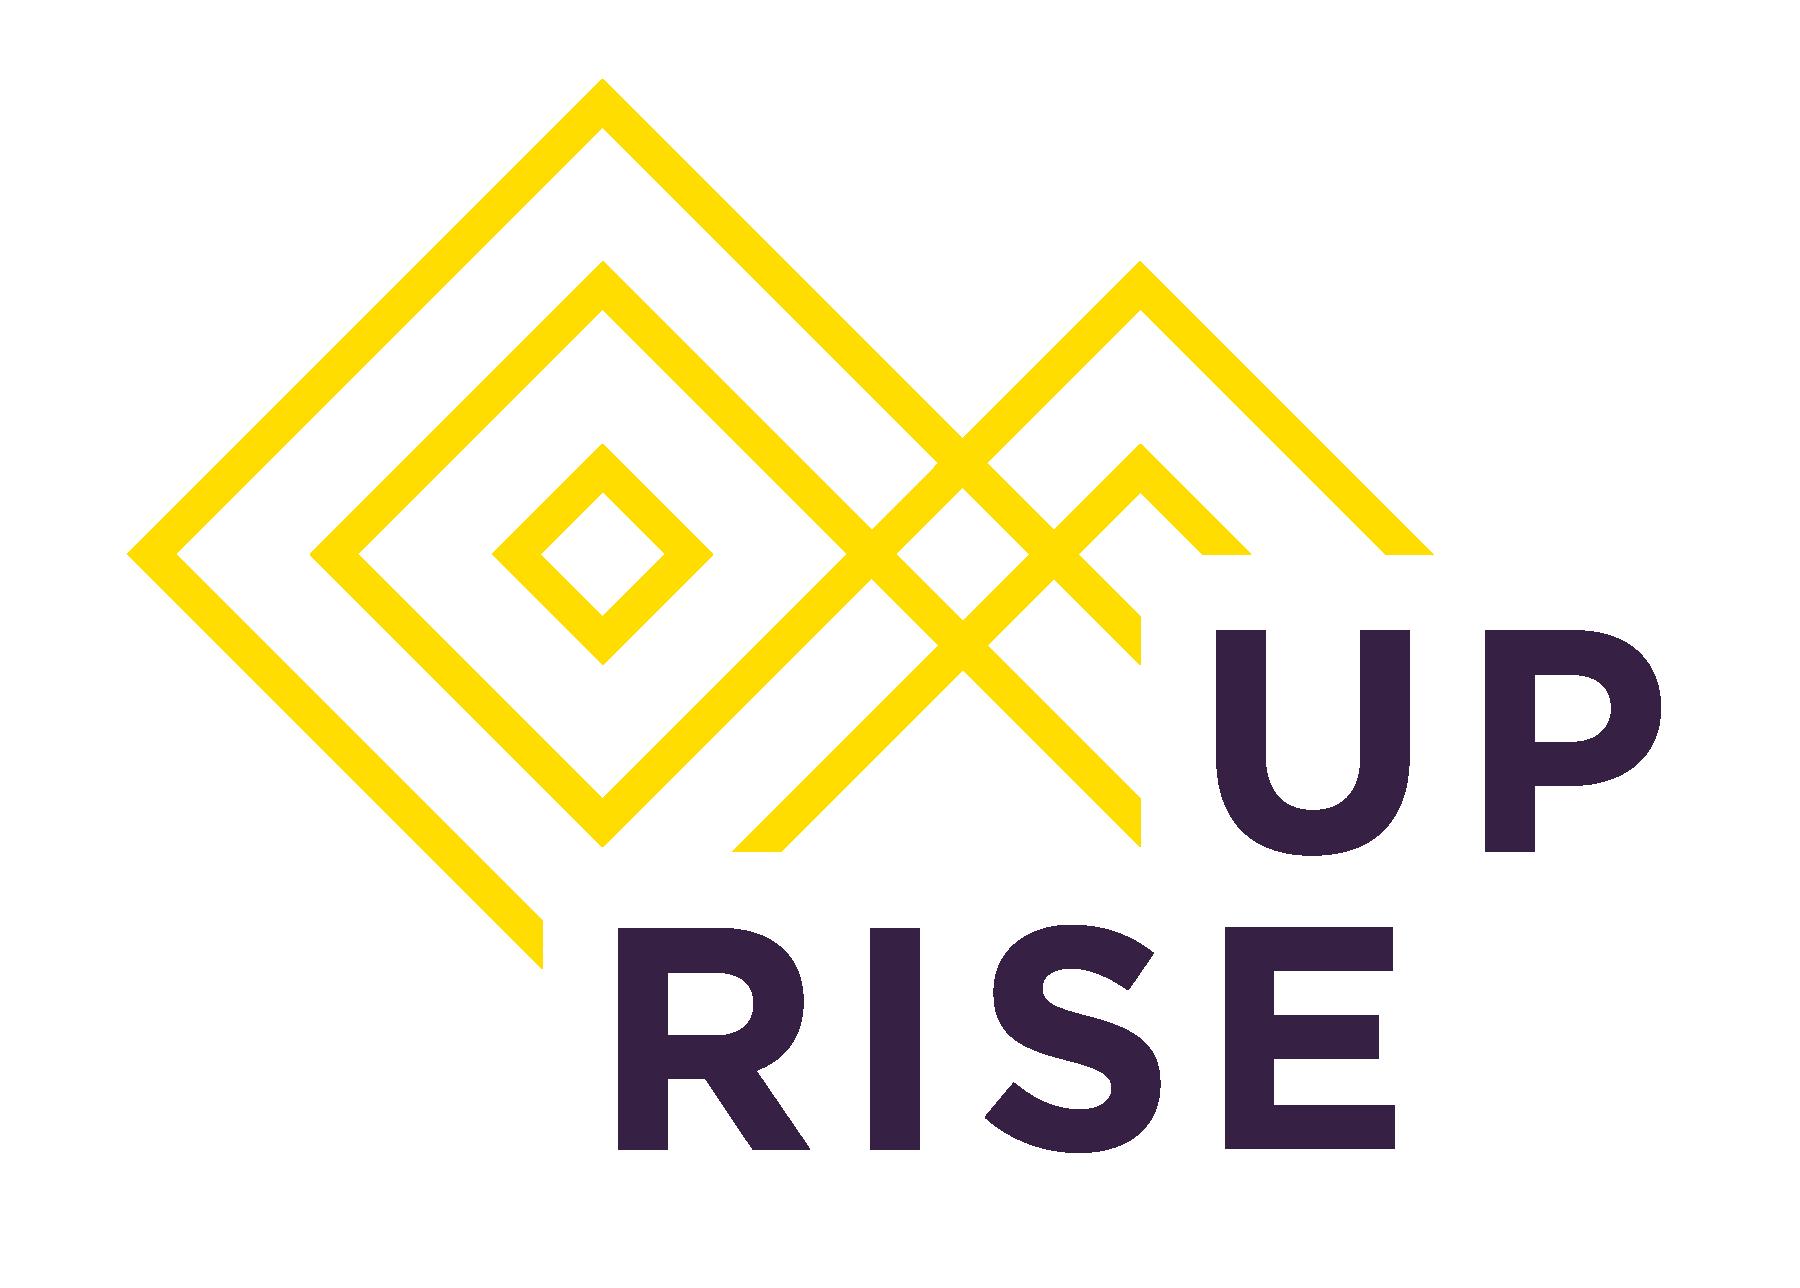 riseup_logo_250416-27